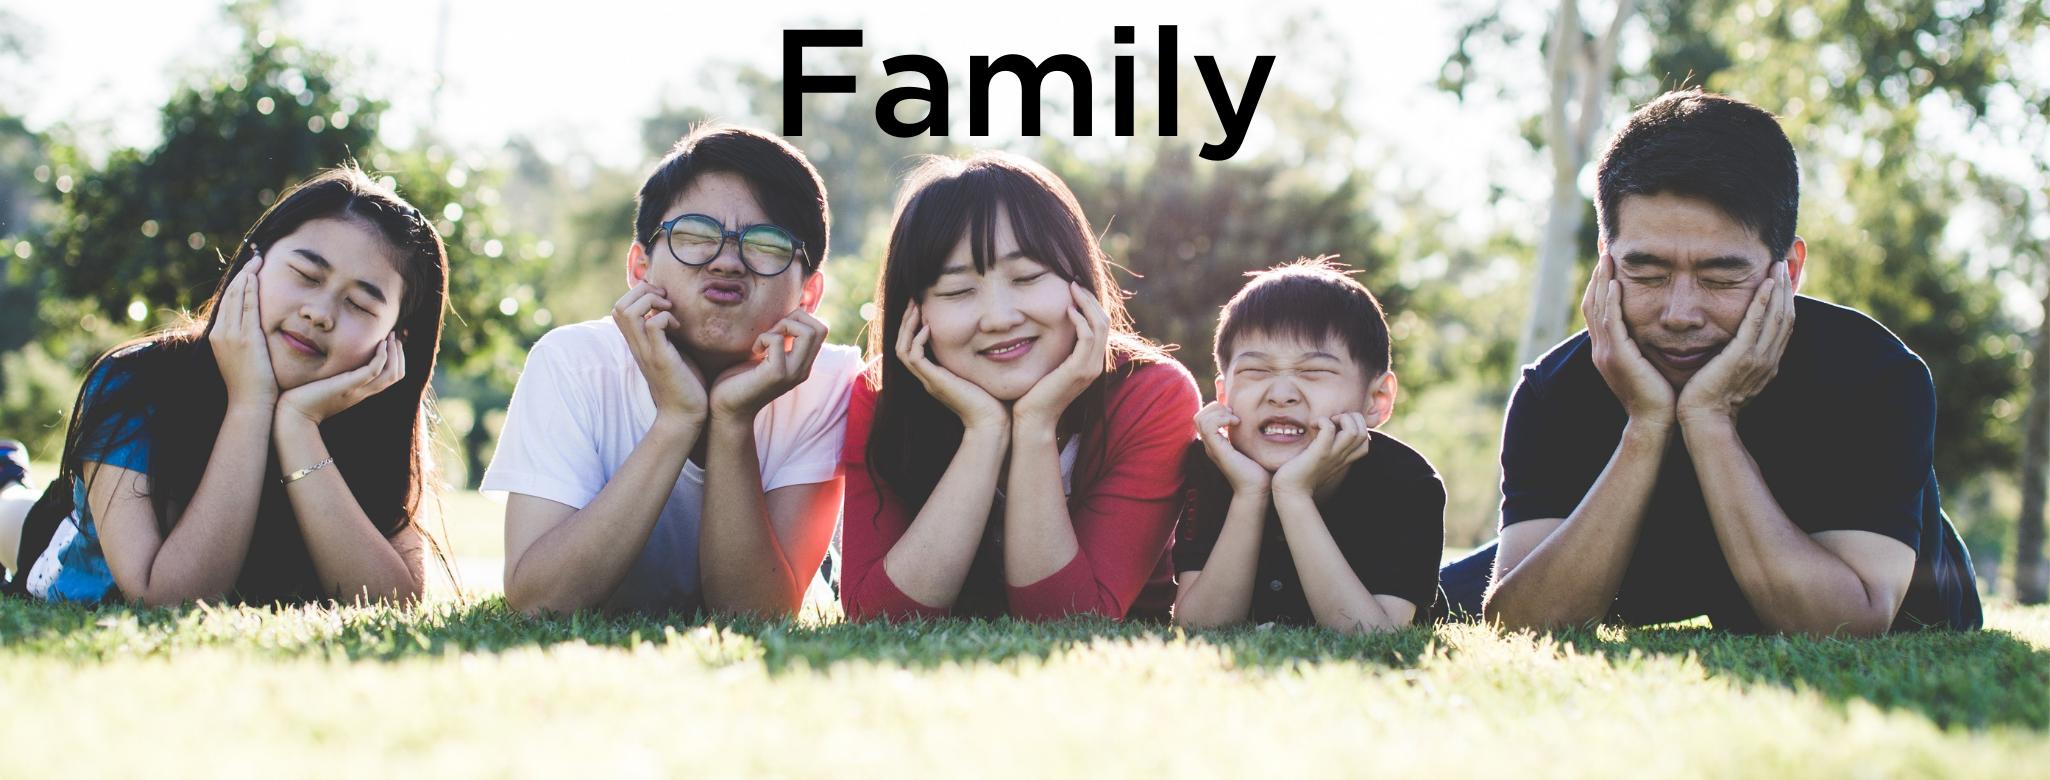 Family Banner (1)